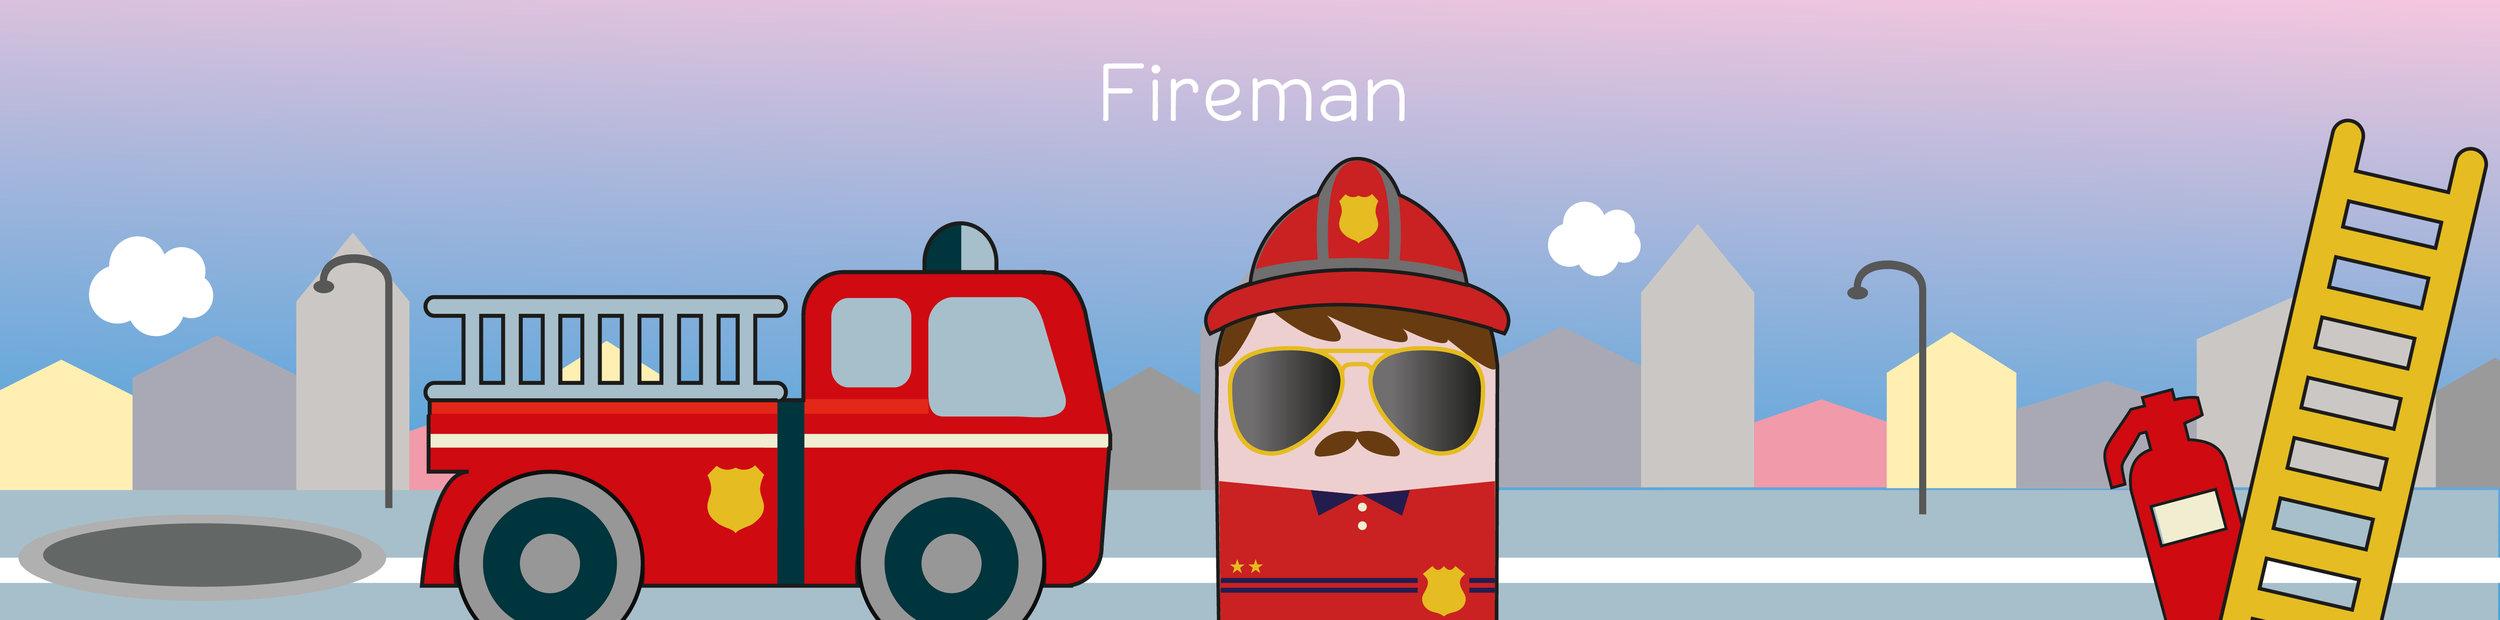 banner-fireman.png